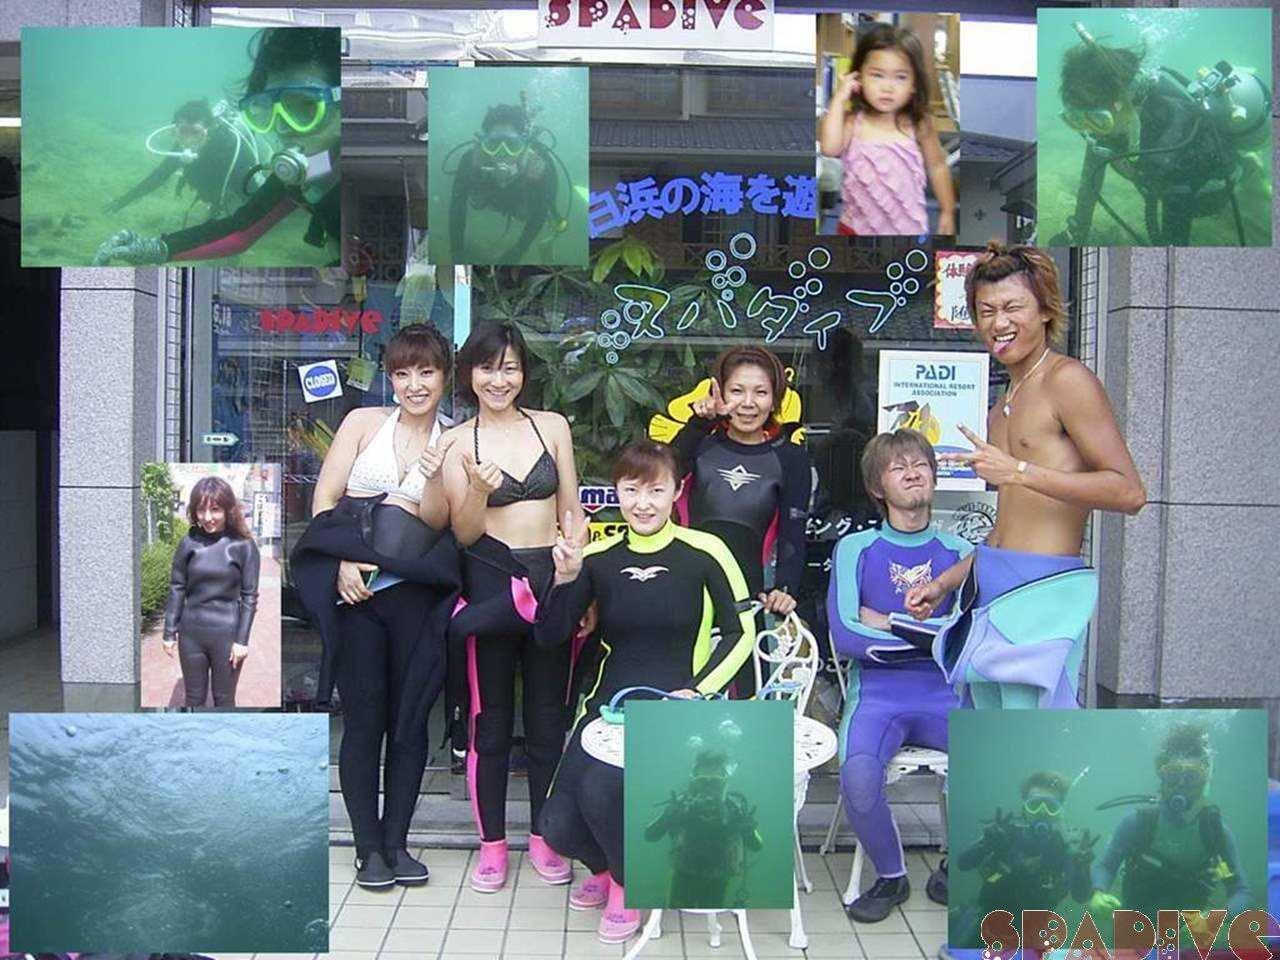 体験ダイビング&OWDライセンス取得コース 8/22/2004白浜